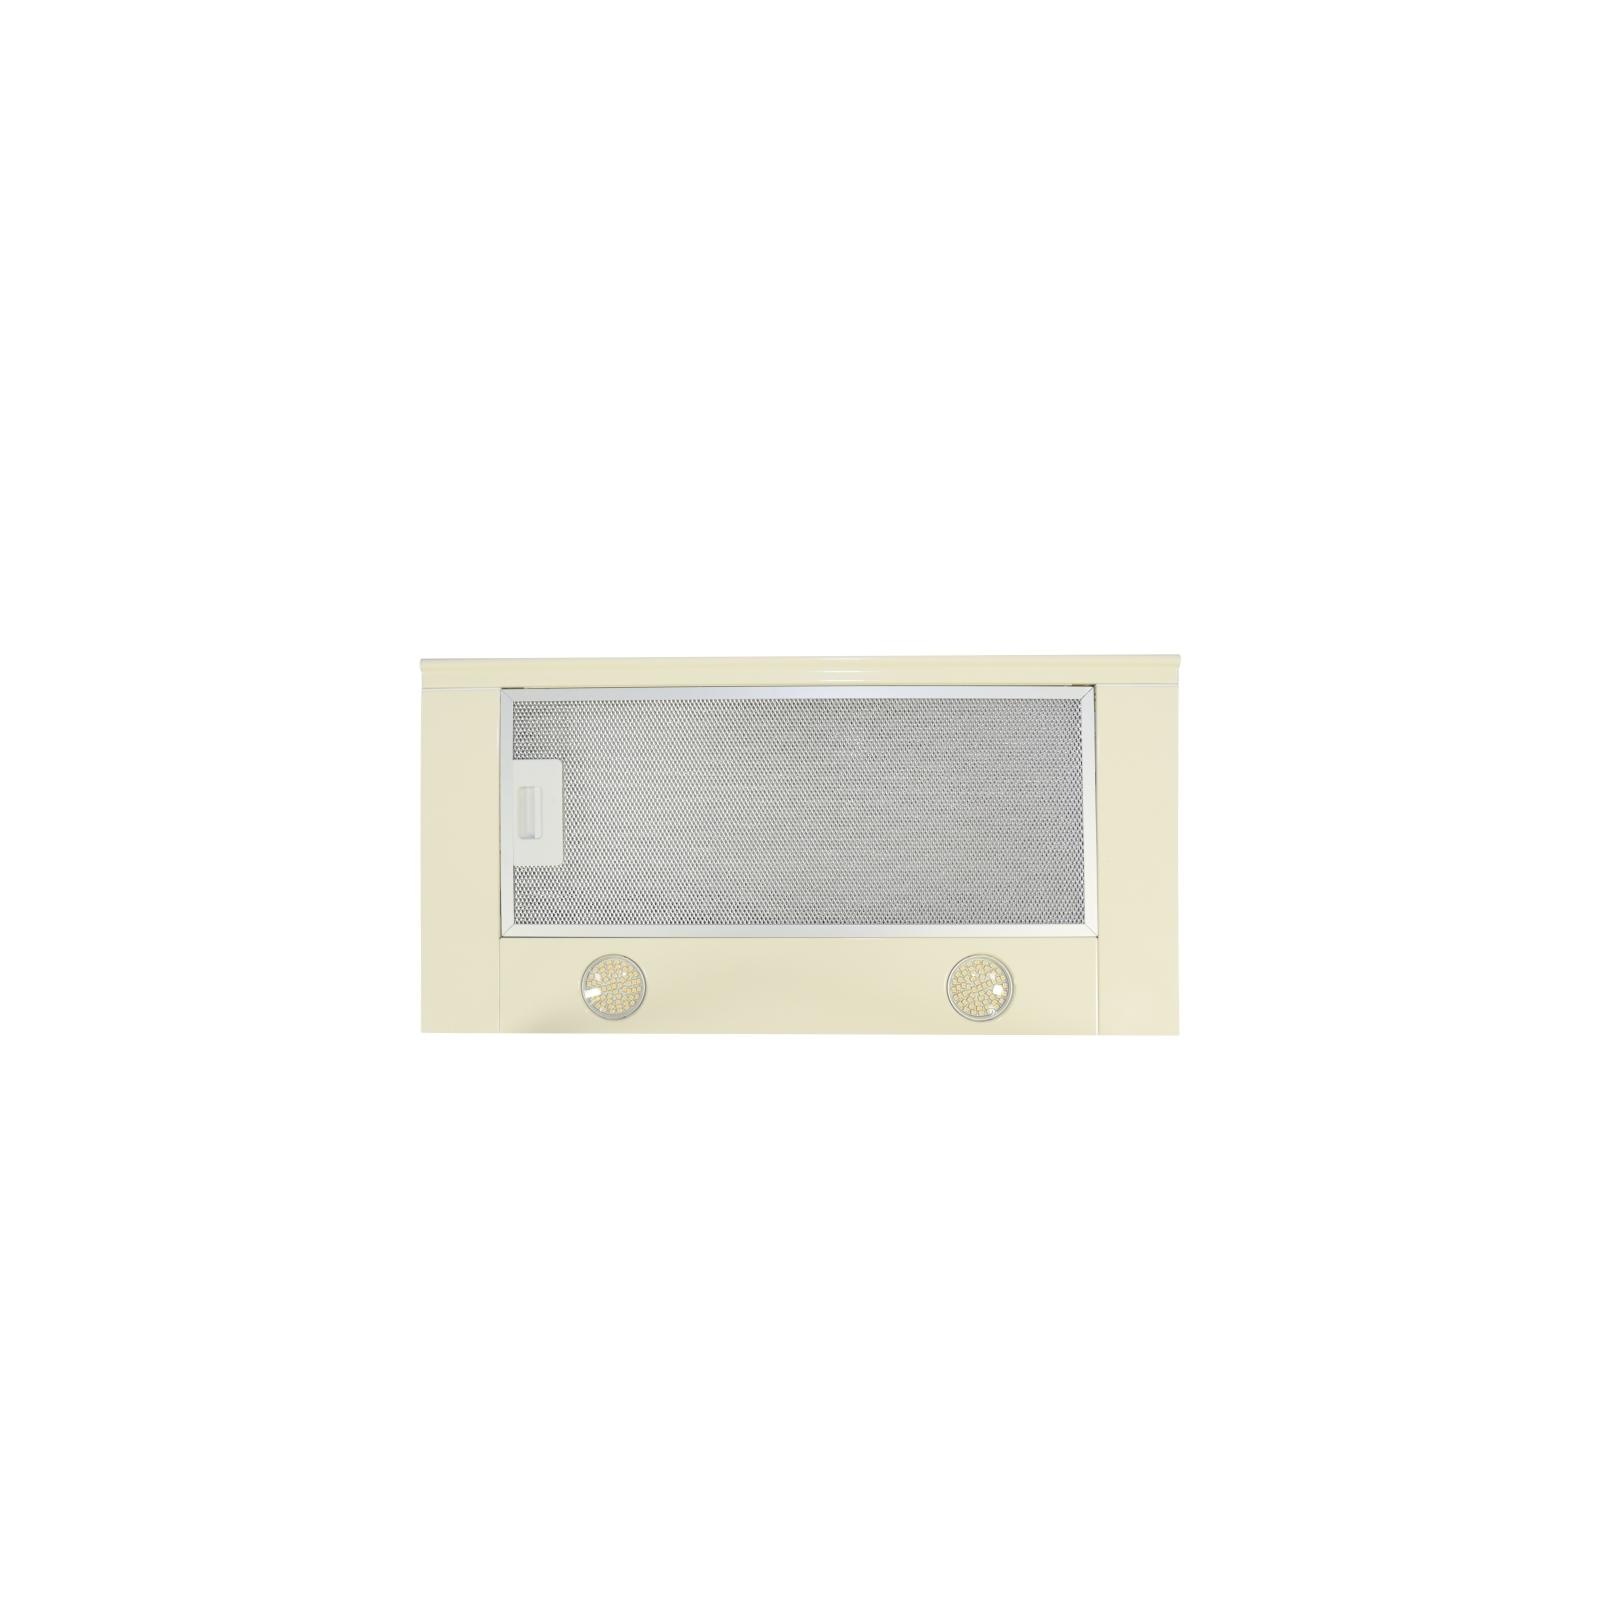 Вытяжка кухонная ELEYUS Storm 1200 LED 60 BG изображение 4